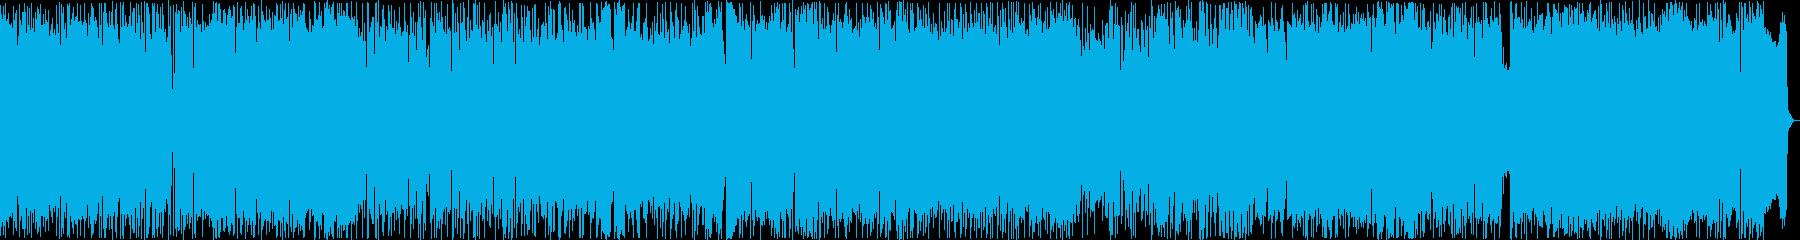 バトルシーンなどに使えるロックの再生済みの波形